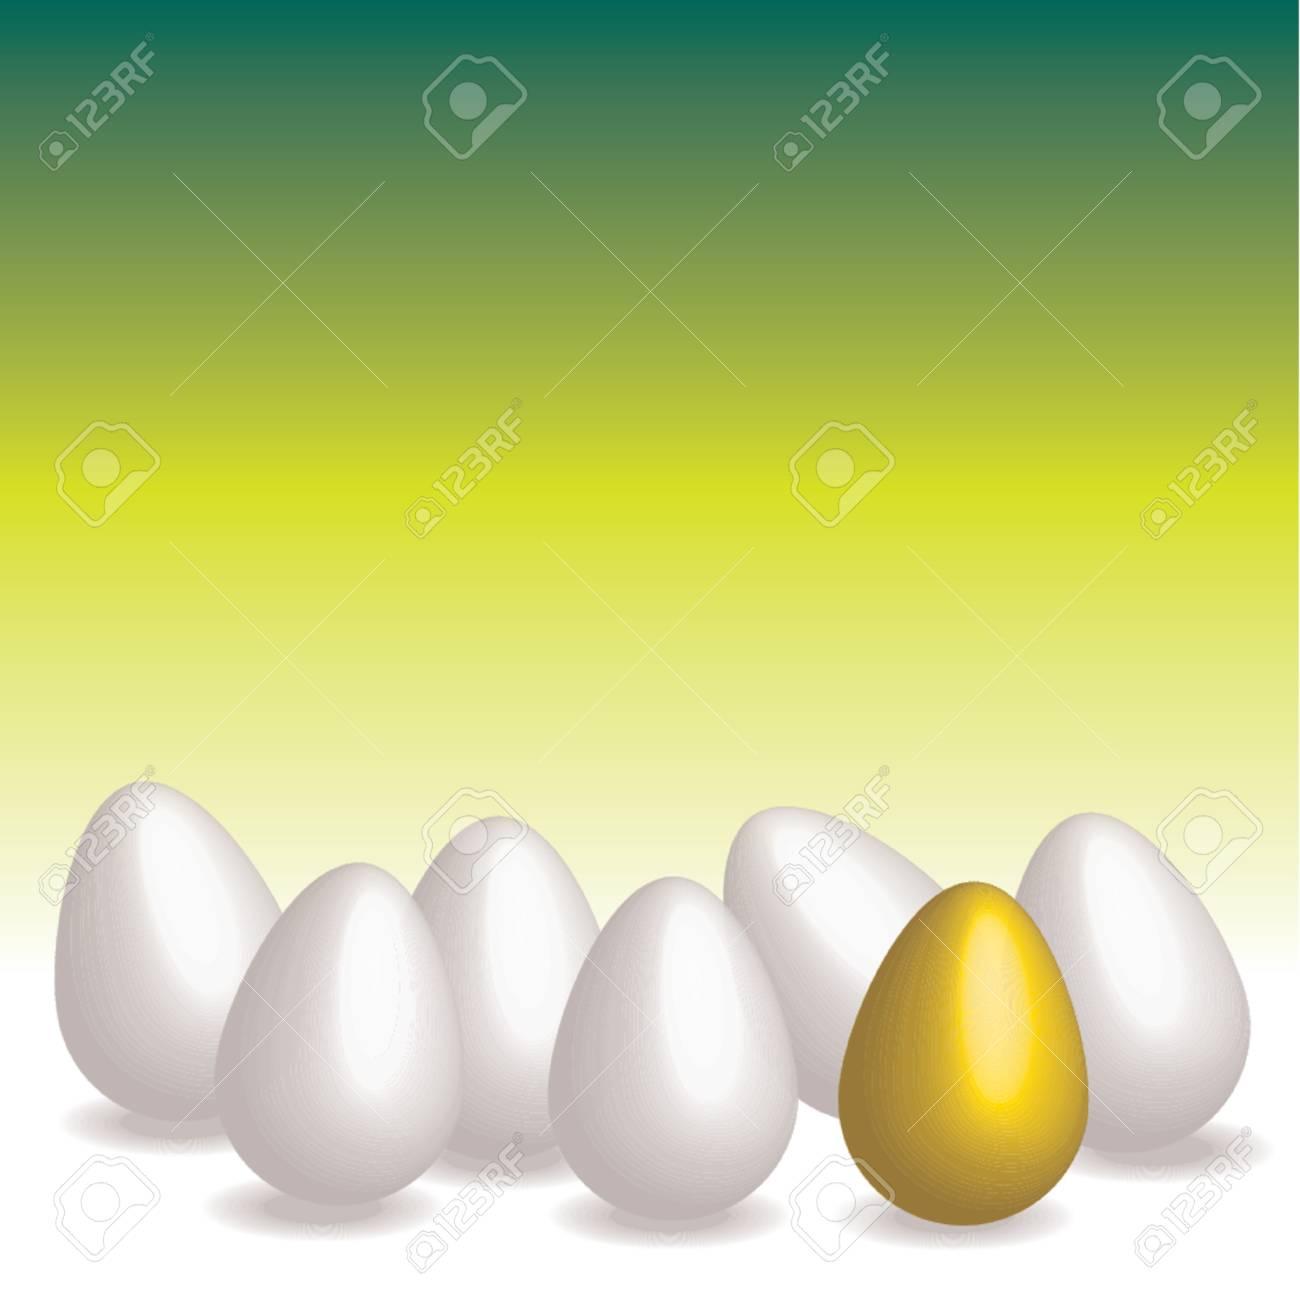 Easter eggs. Golden egg over green gradient background Stock Vector - 709331